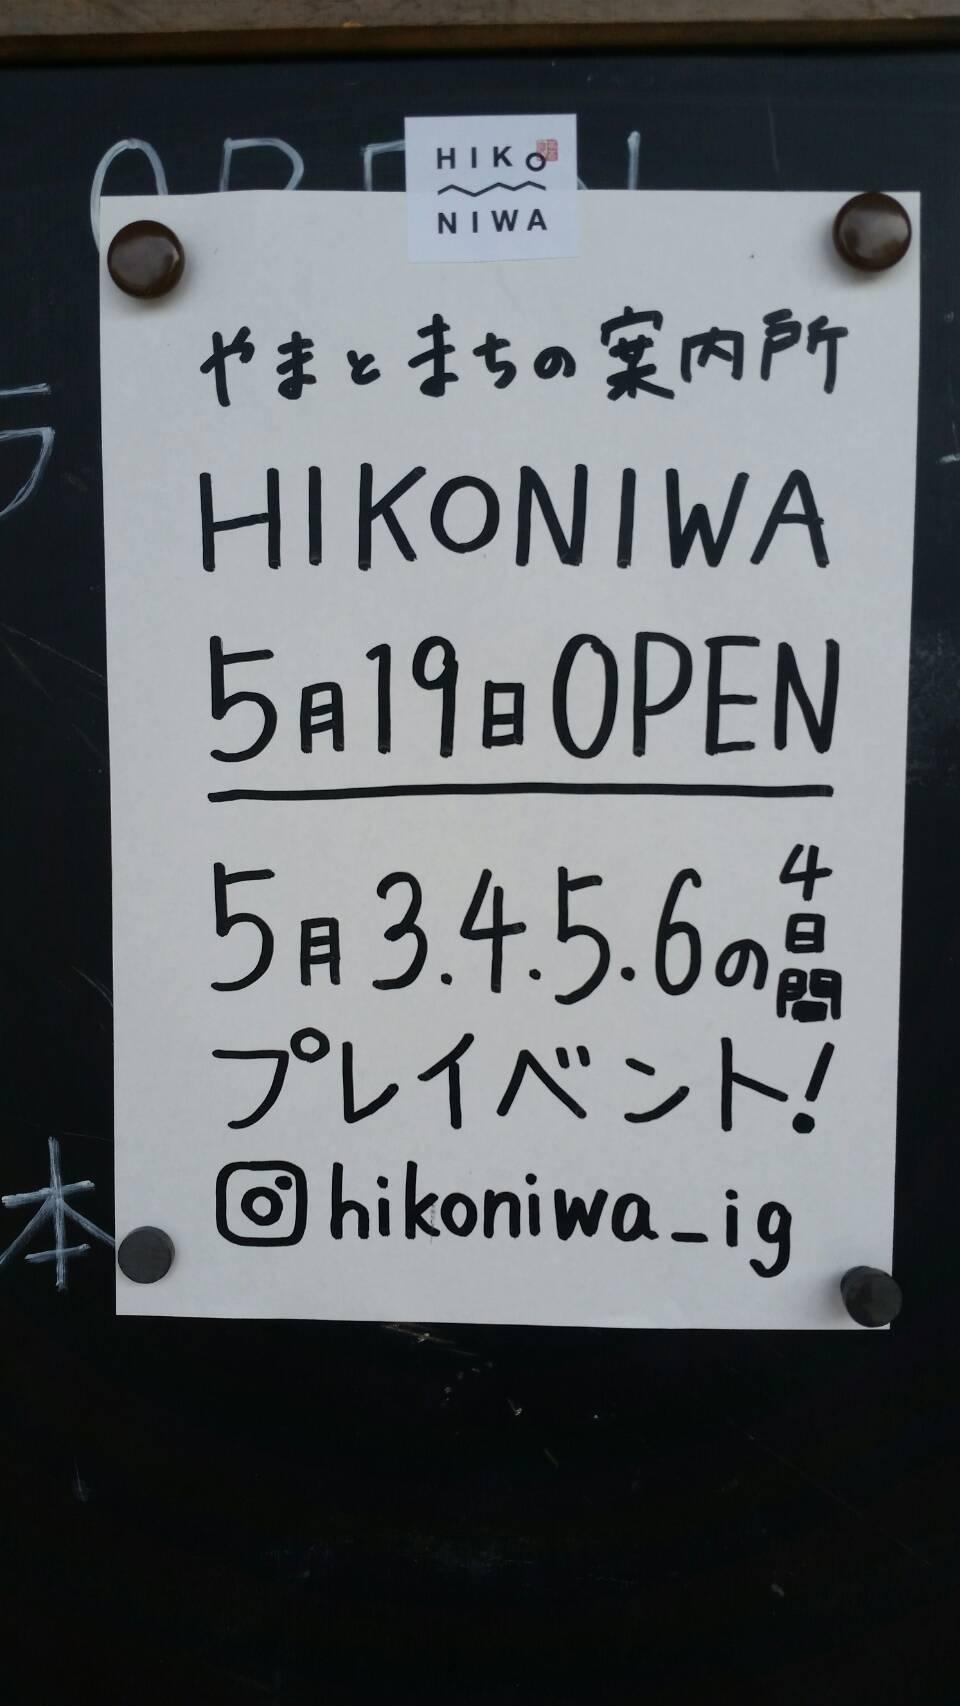 やまとまちの案内所「HIKONIWA」オープン.jpg